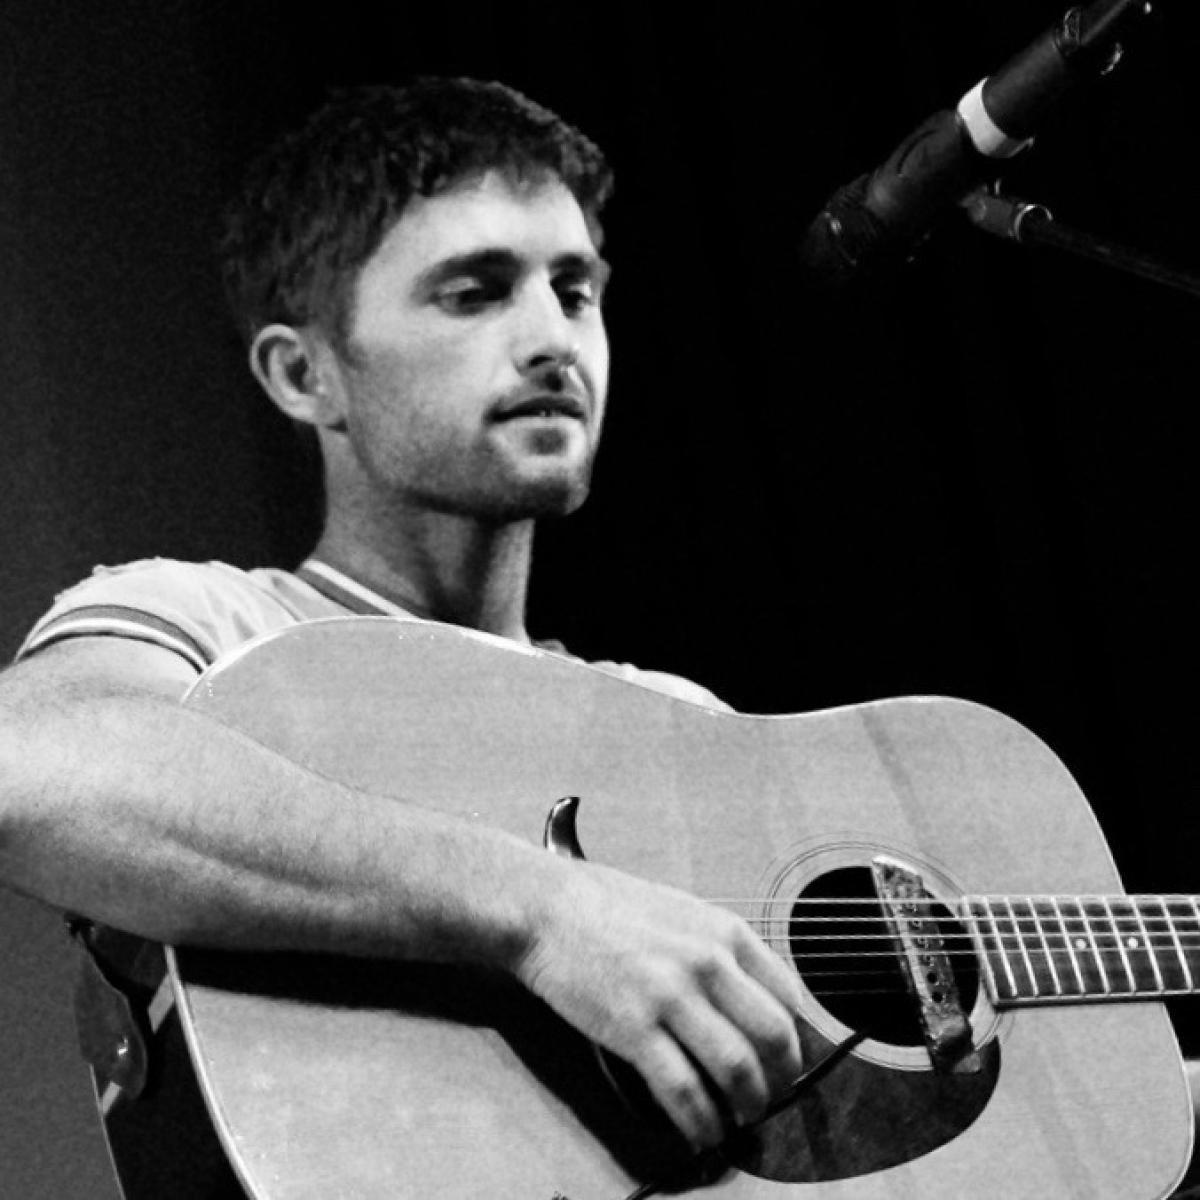 Bradley Pollack: Singer, Songwriter